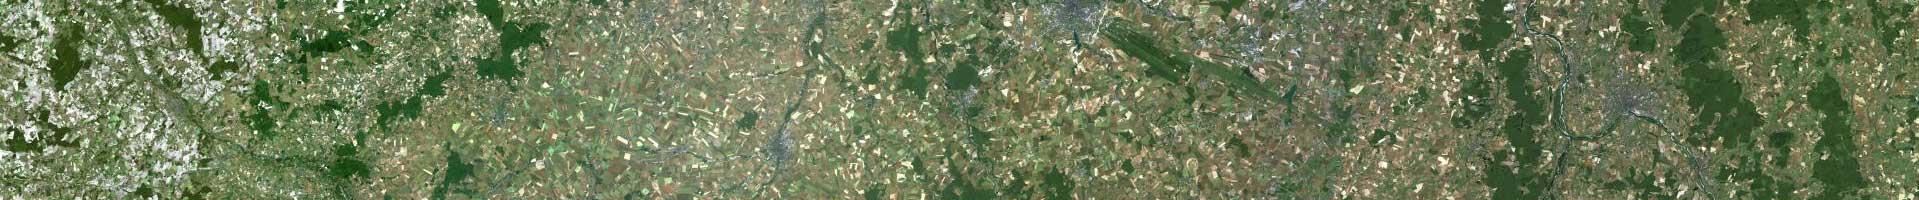 Photo aérienne IGN 2e niveau d'agrandissement